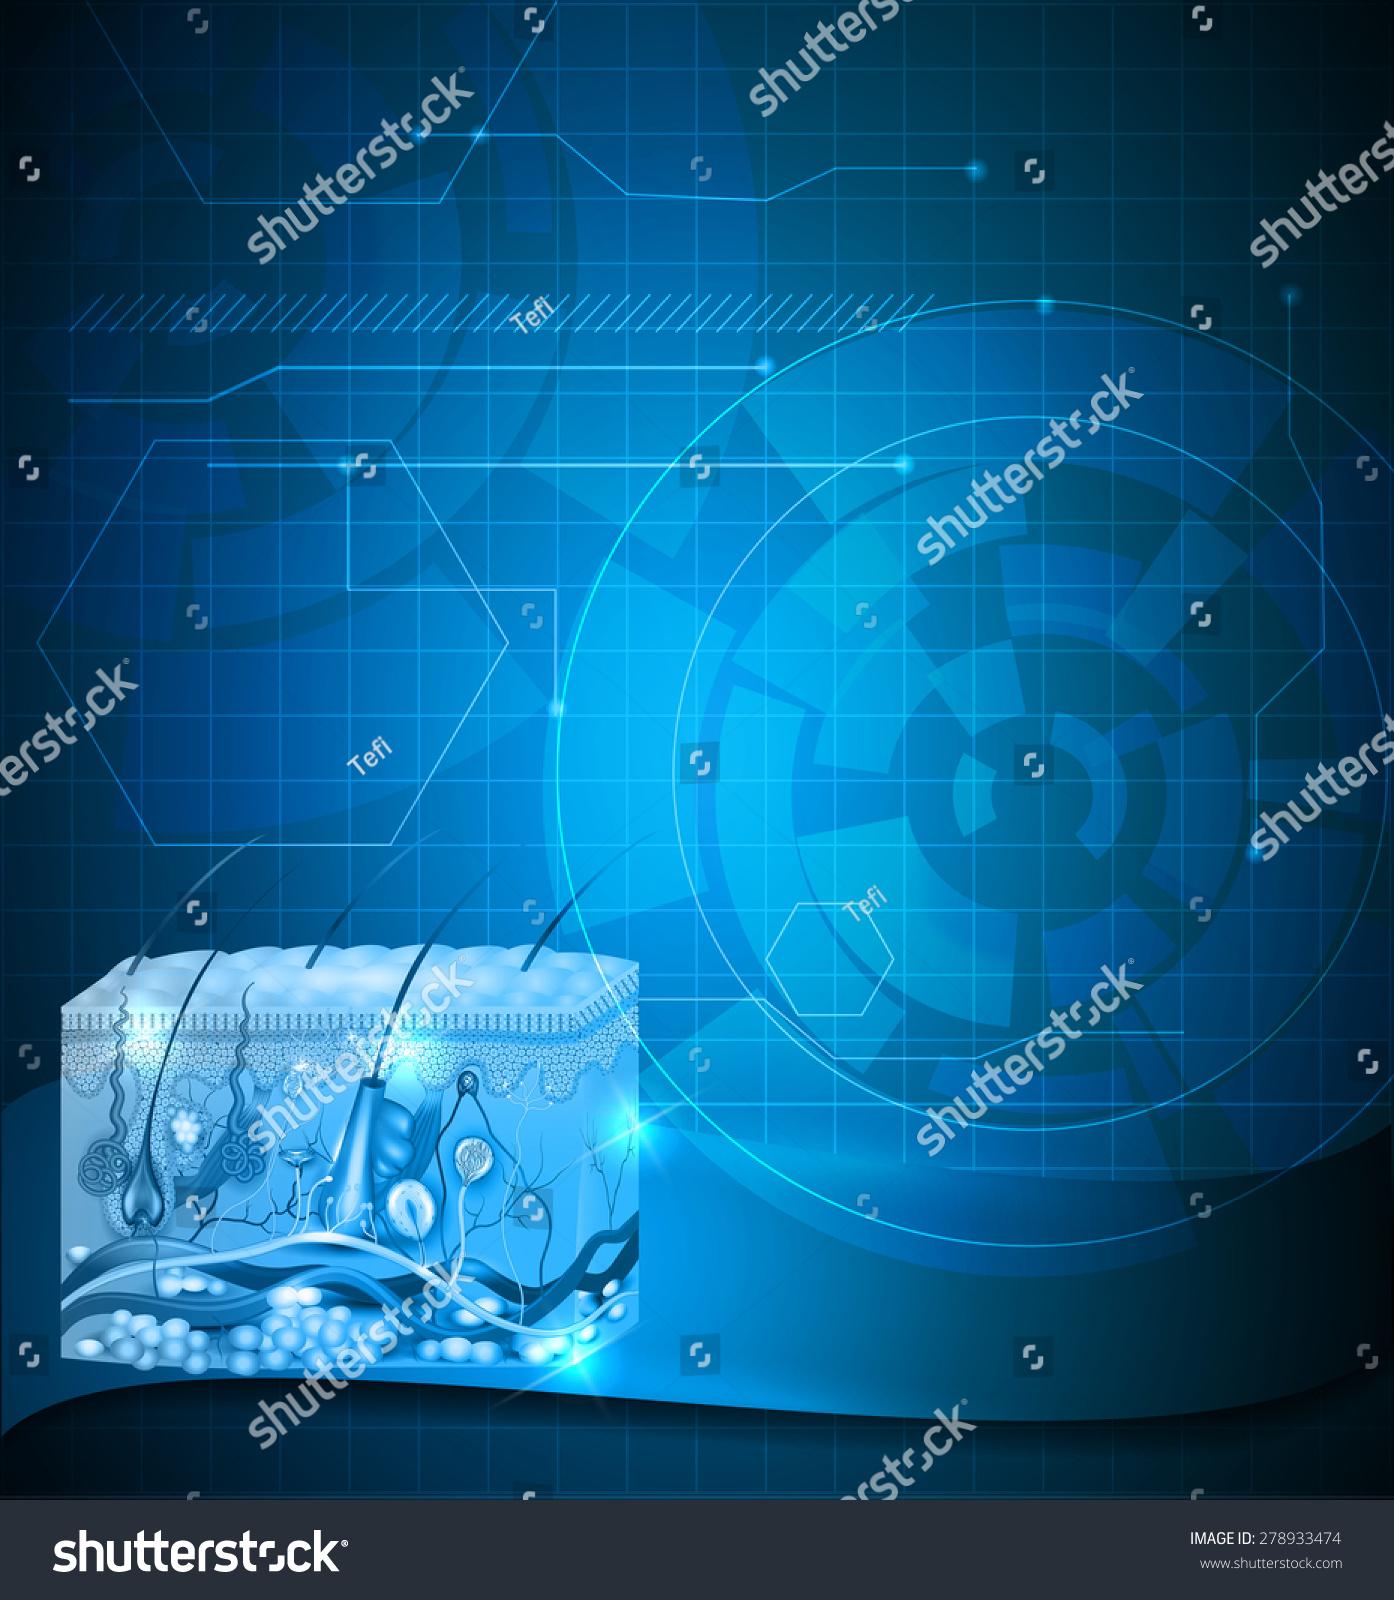 皮肤解剖学抽象的蓝色背景,科学设计-背景/素材,医疗